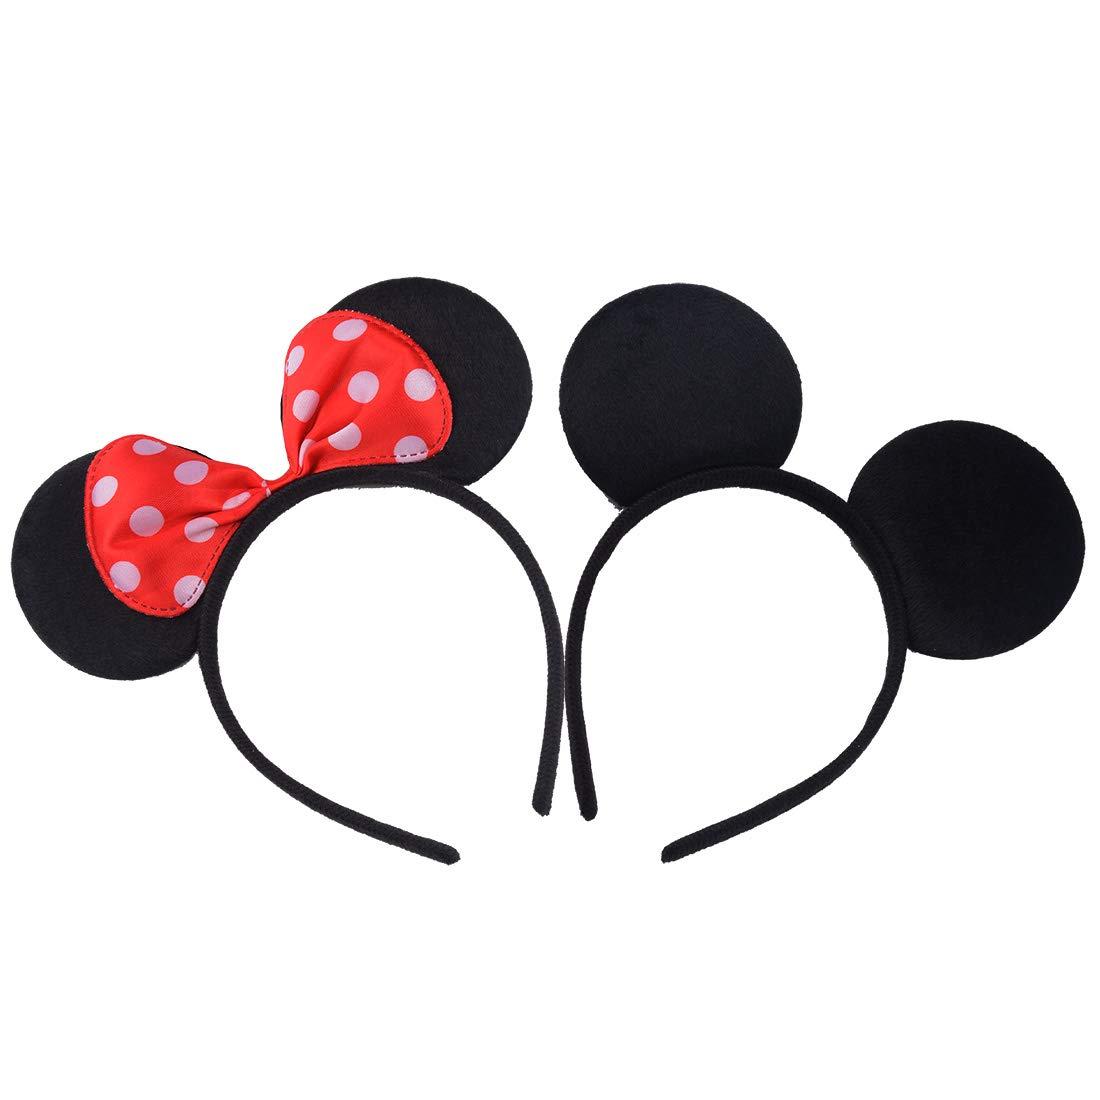 12 pezzi Rana Verde Mickey Minnie Fasce per capelli compleanno Feste di Halloween Mamma Ragazzi Ragazze Accessori per capelli Belle orecchie da topo copricapo Decorazioni Rana Verde